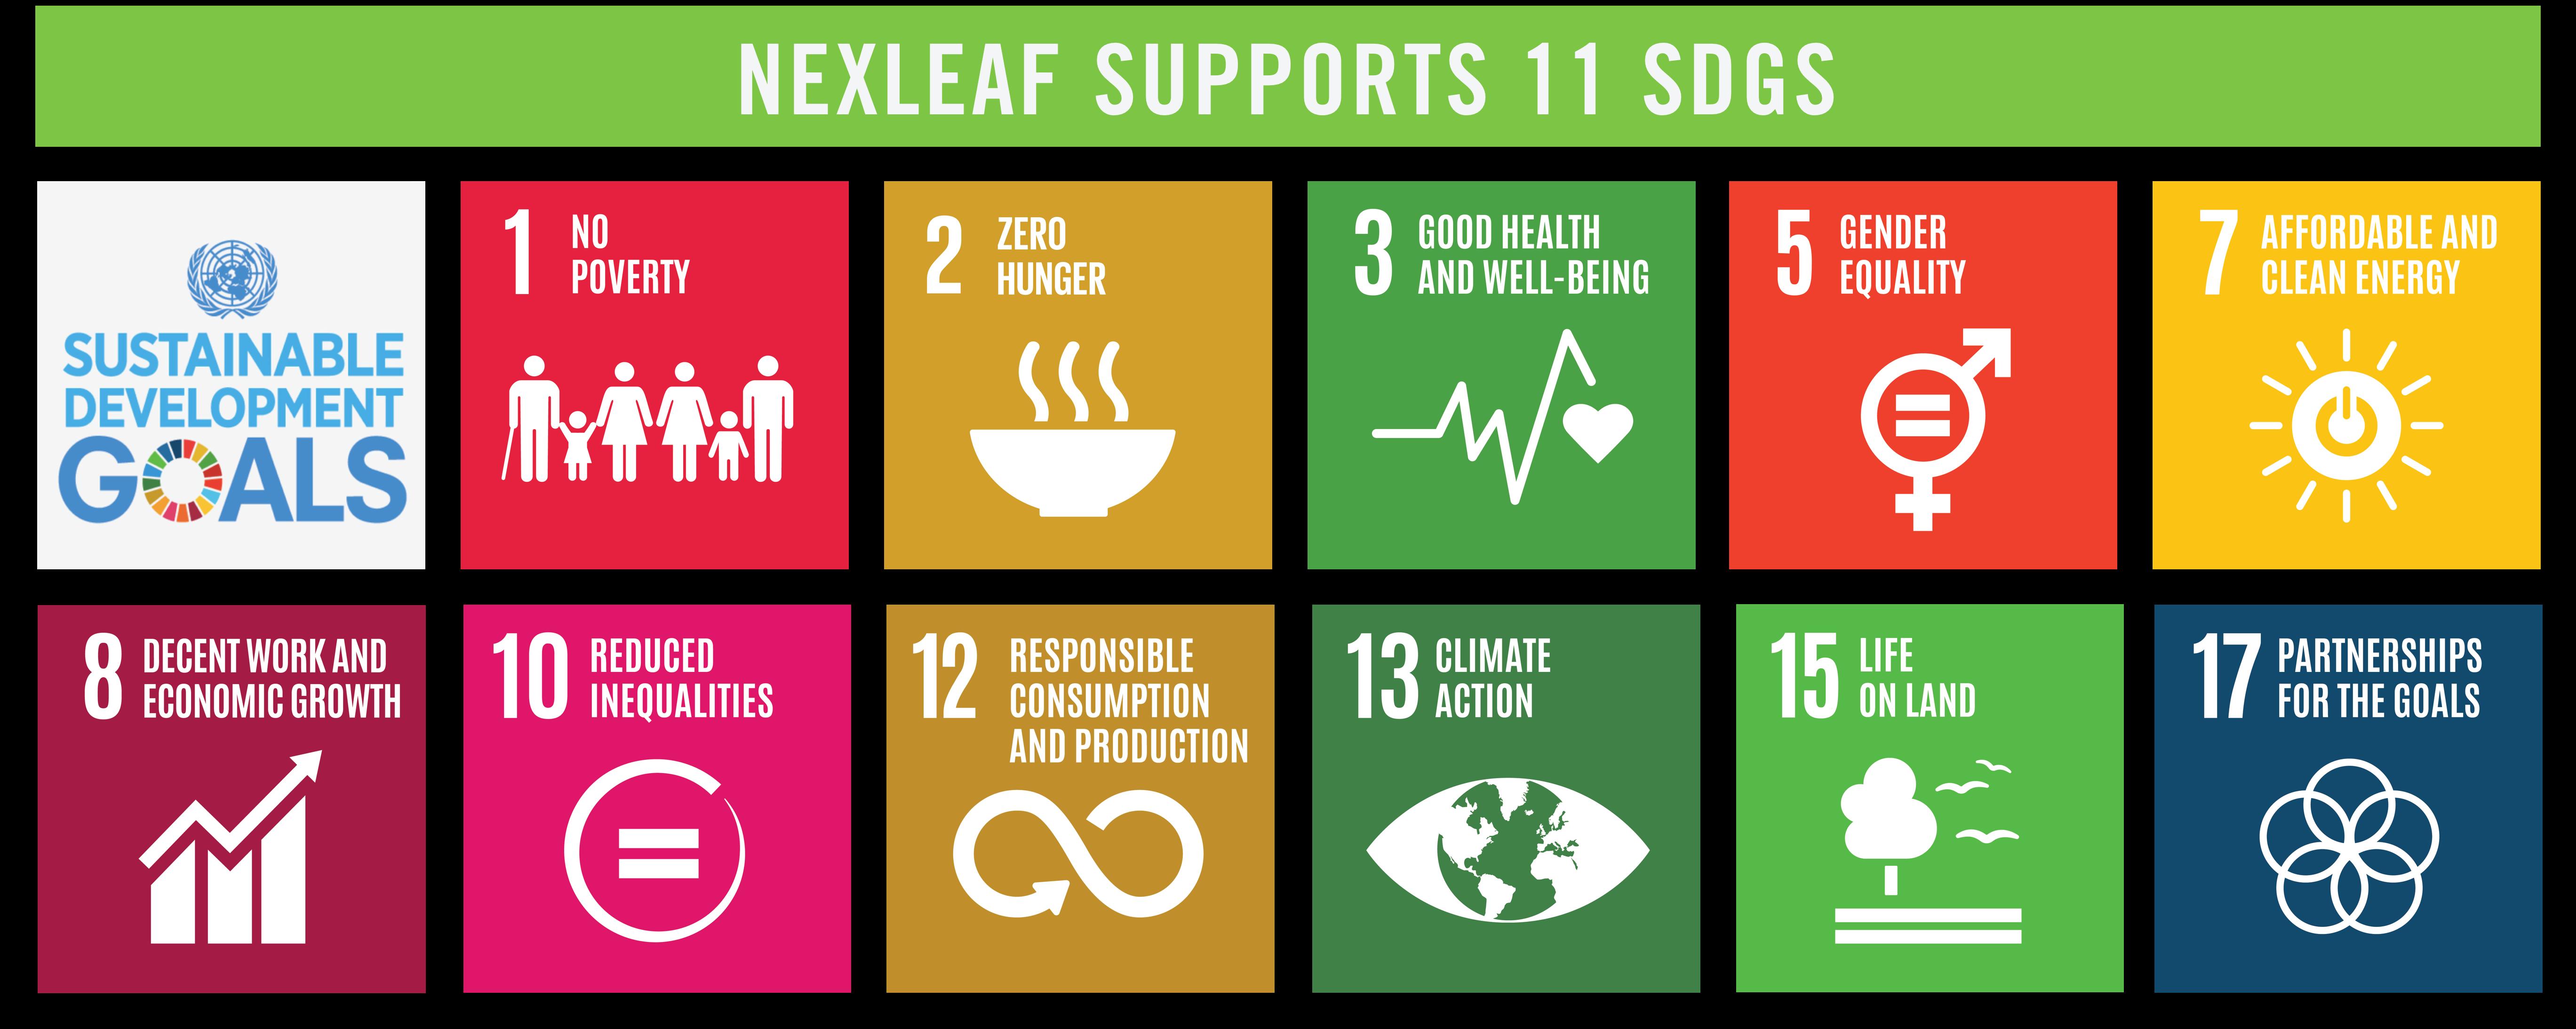 SDG_banner(green)